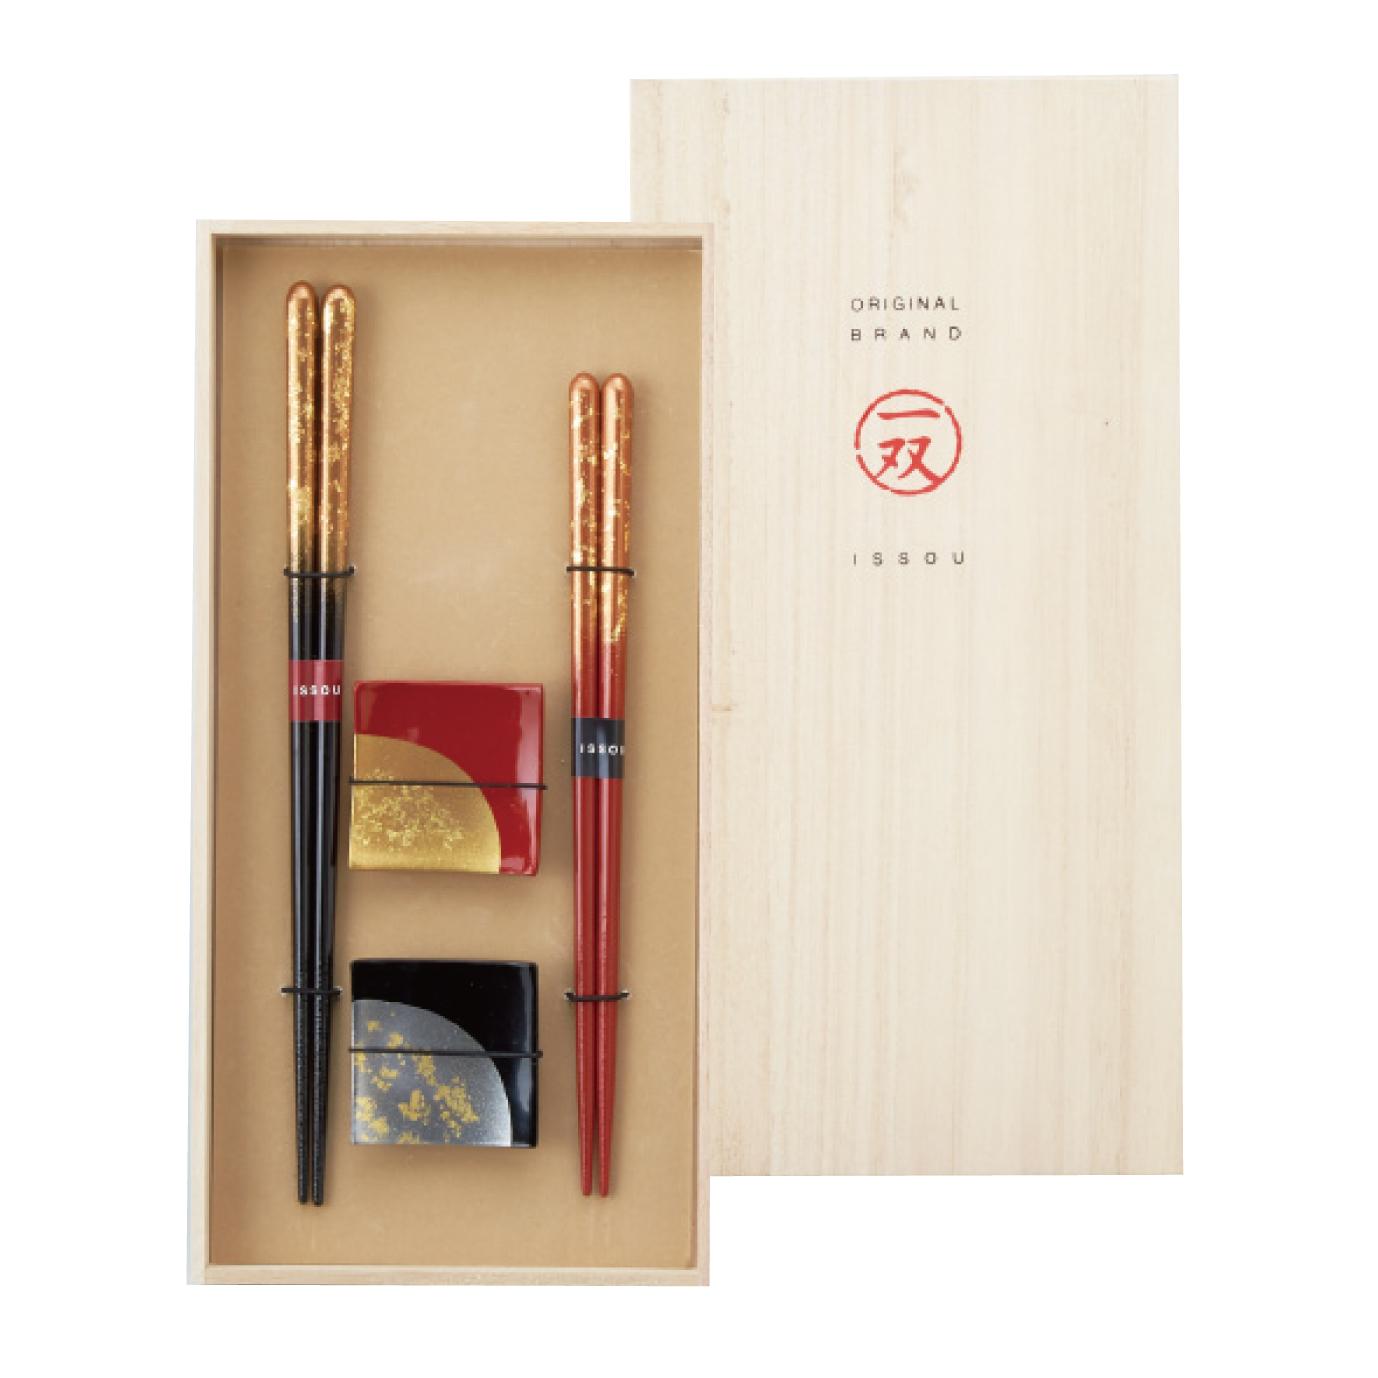 【イシダ】瑞雲&箸置箔ちらし2P 箸黒・朱各1、箸置×2